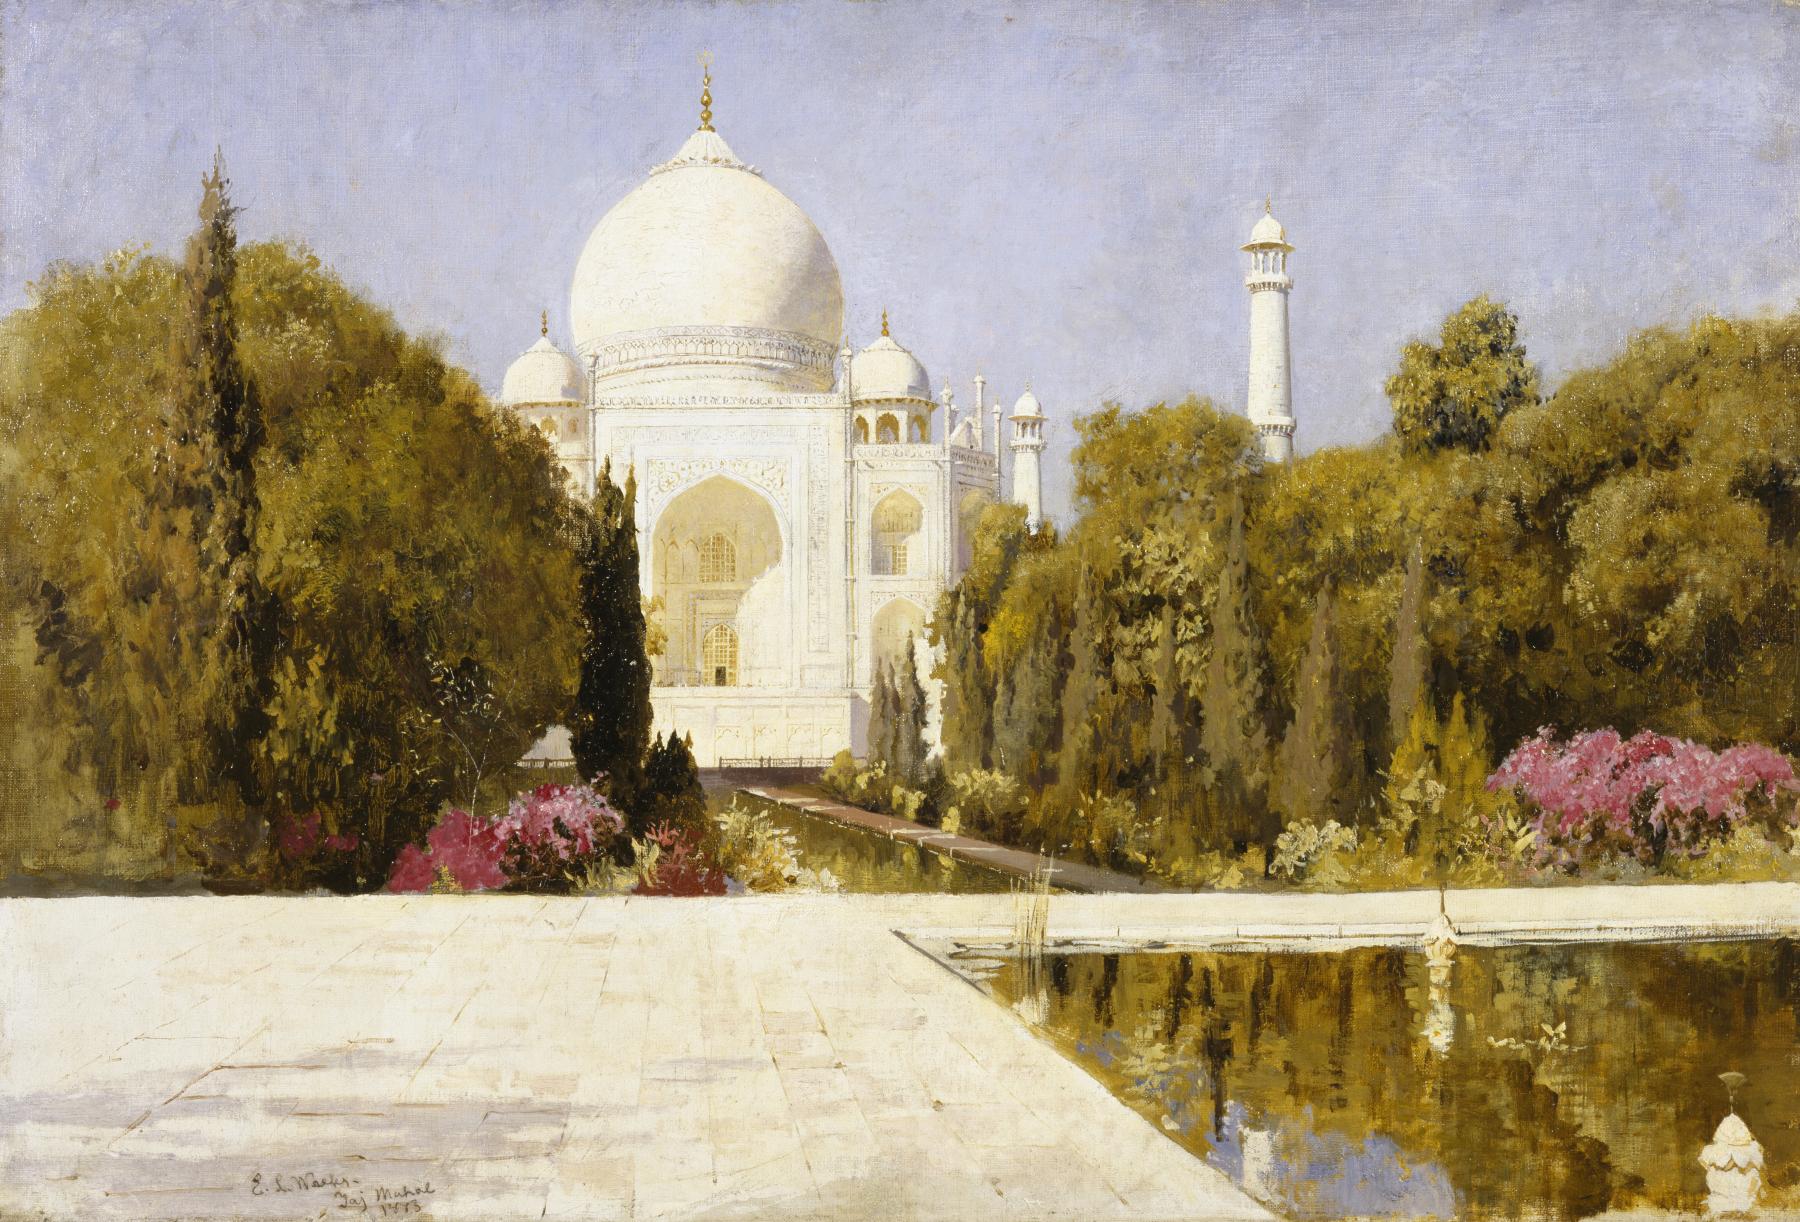 Edwin Lord Weeks, The Taj Mahal,